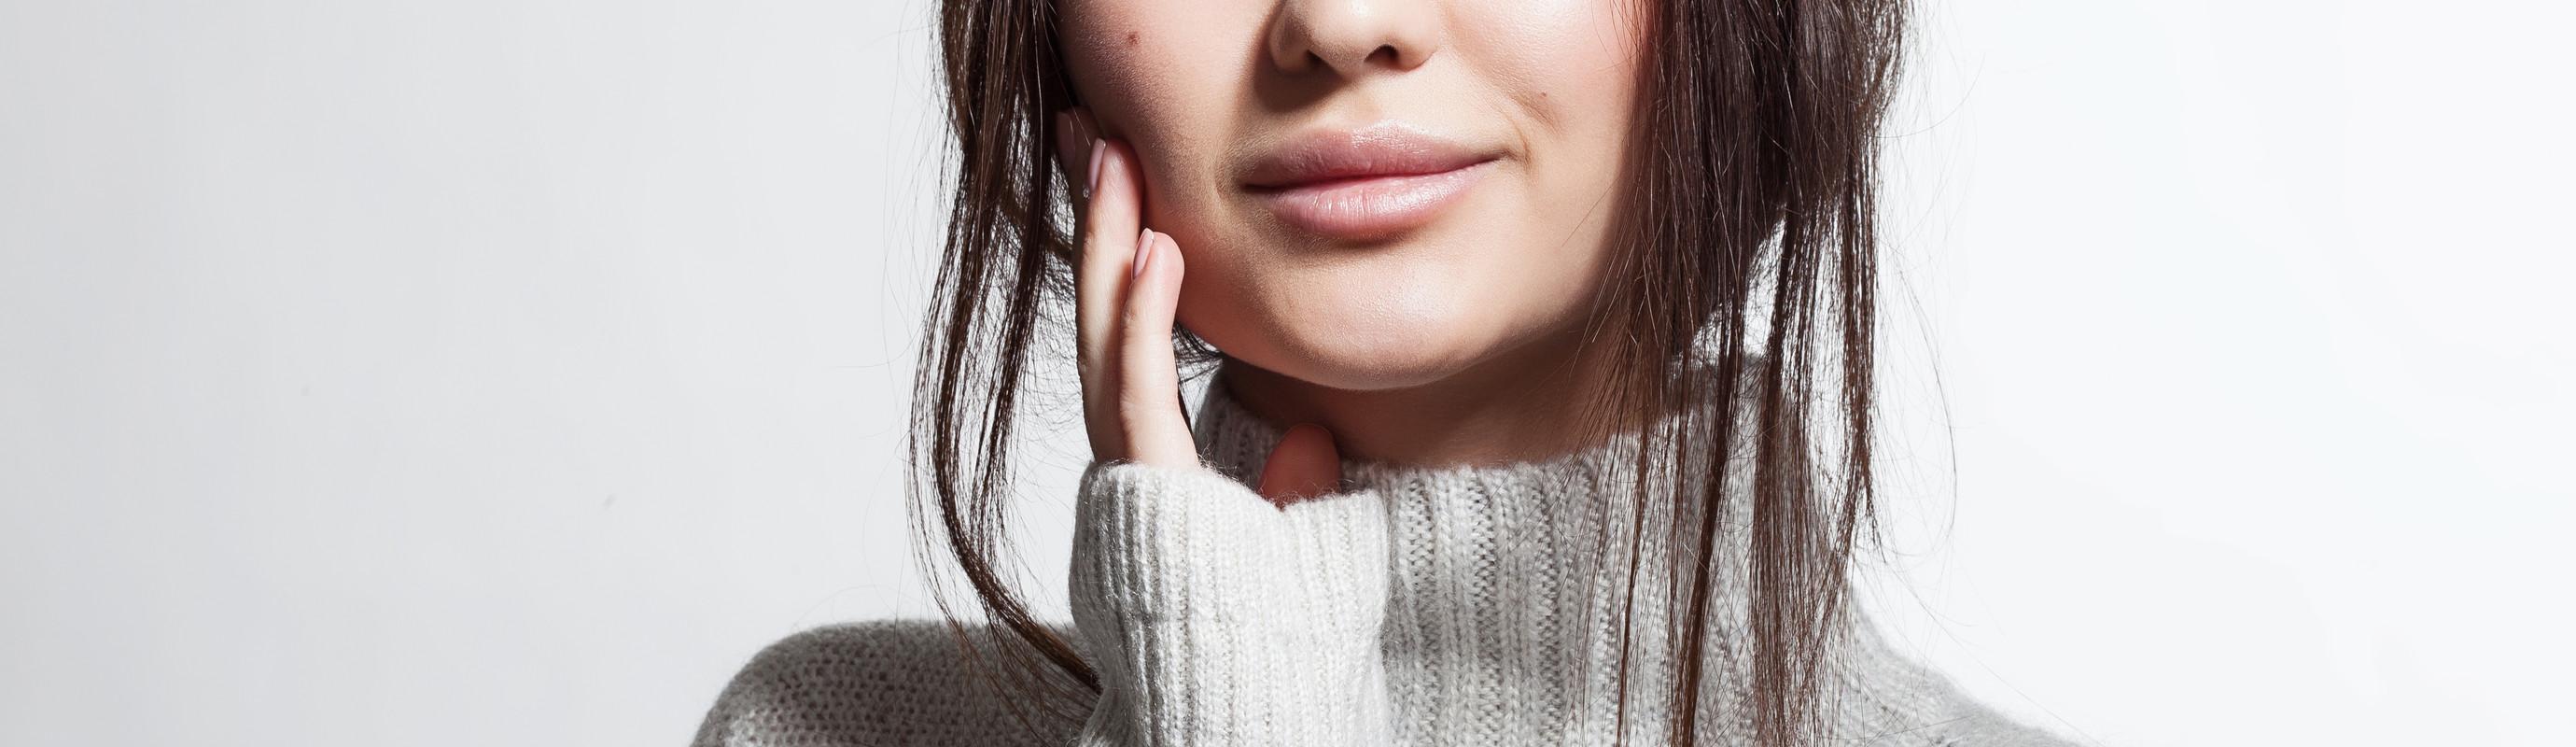 Dit moet je wel -en vooral niet- doen met je huid in de winter